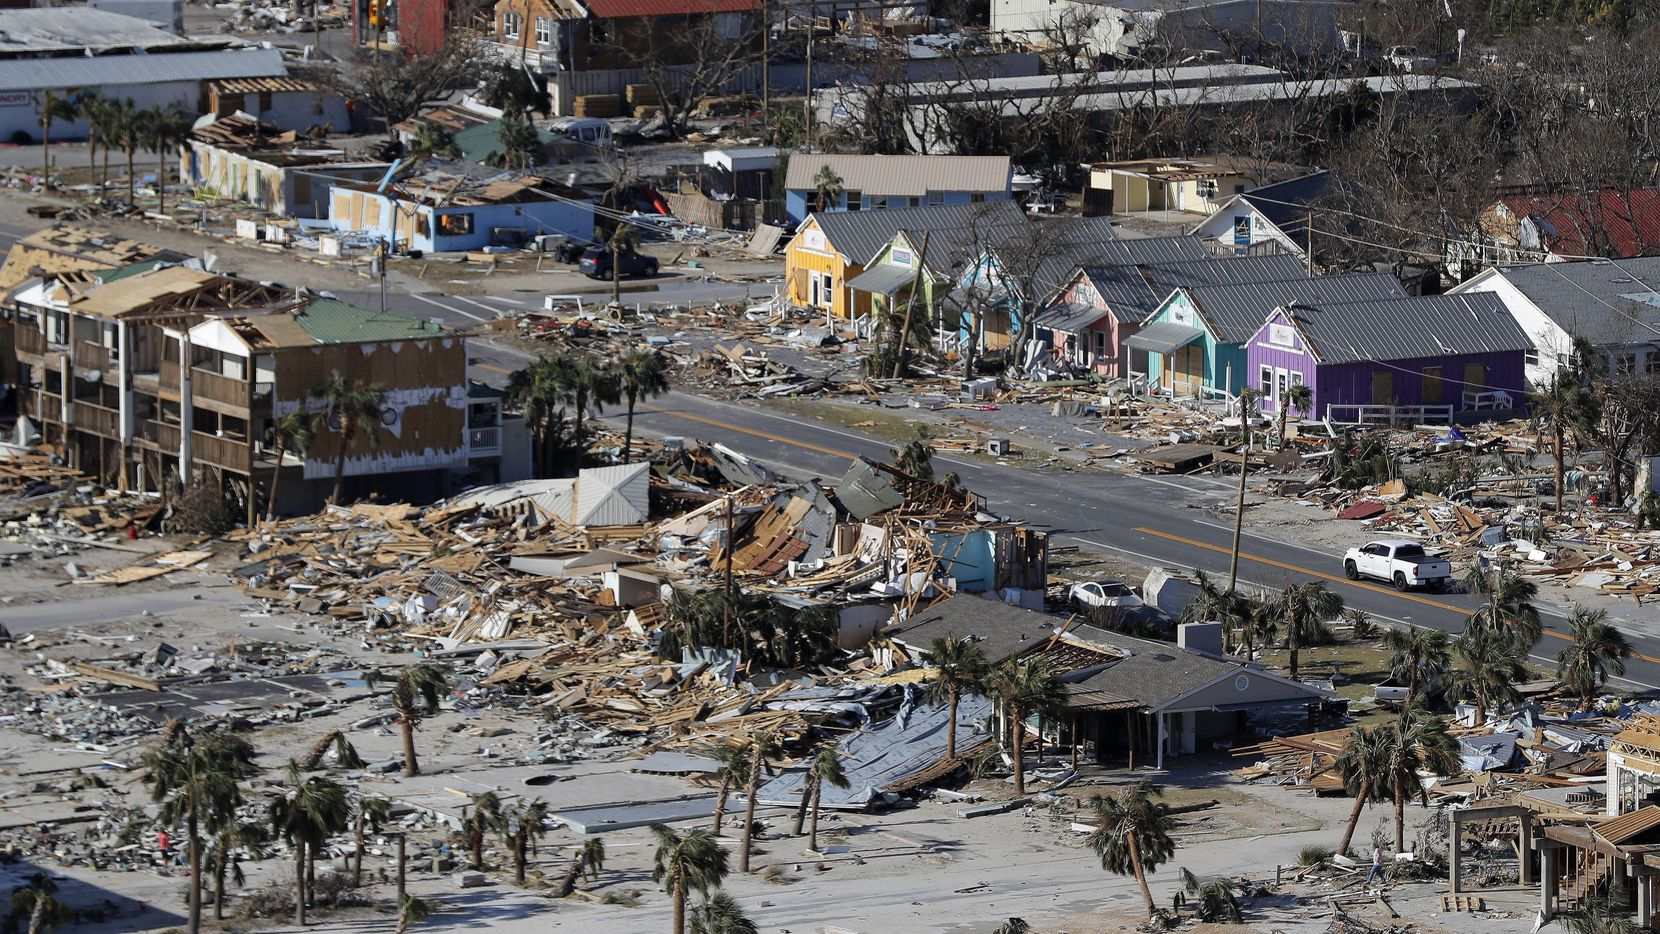 La playa de Mexico Beach en Florida fue devastada por el Huracán Michael en octubre del 2018.(AP)